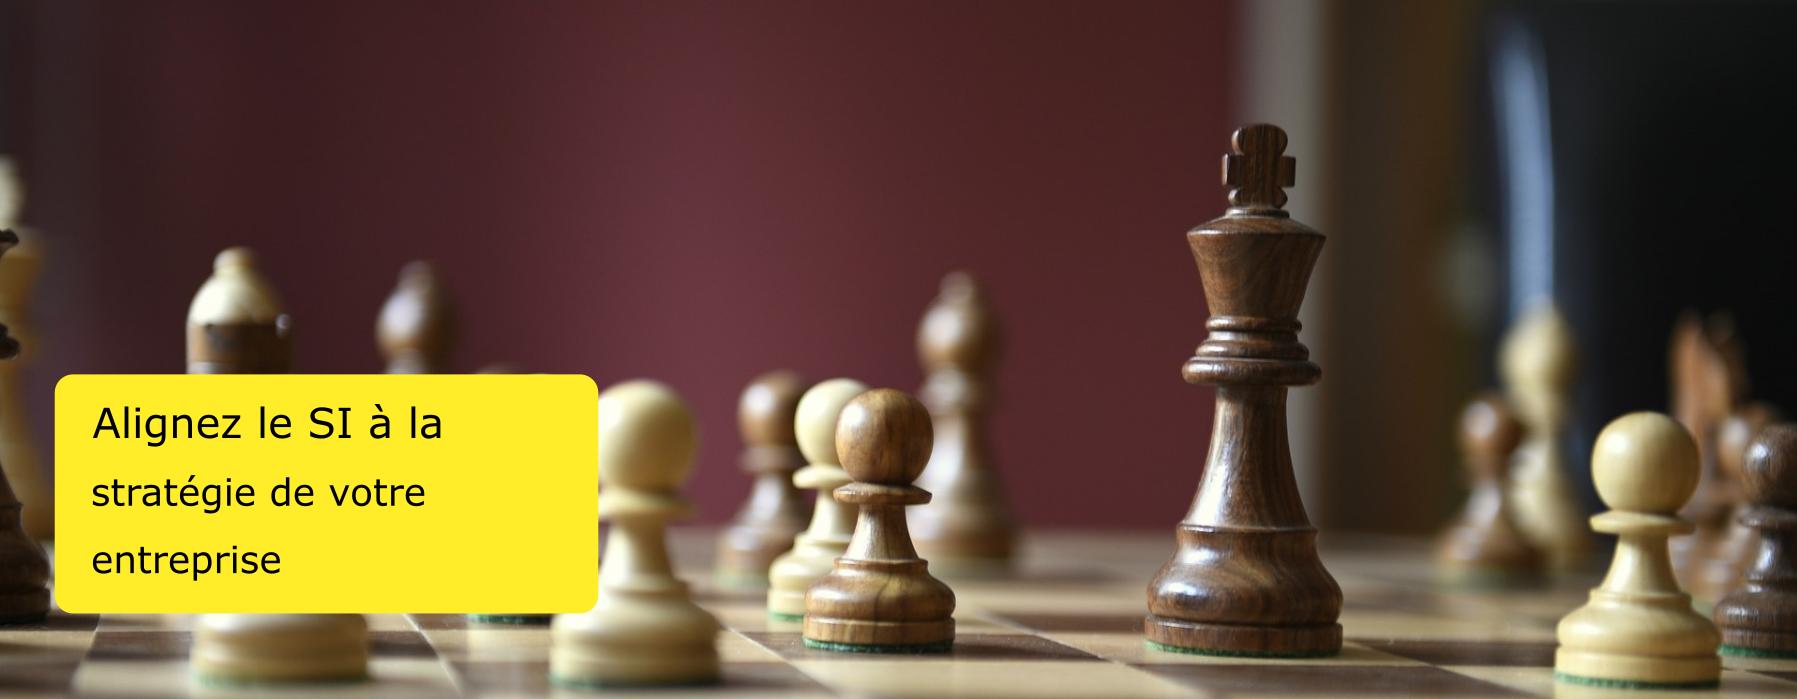 Alignez le SI à la stratégie de votre entreprise